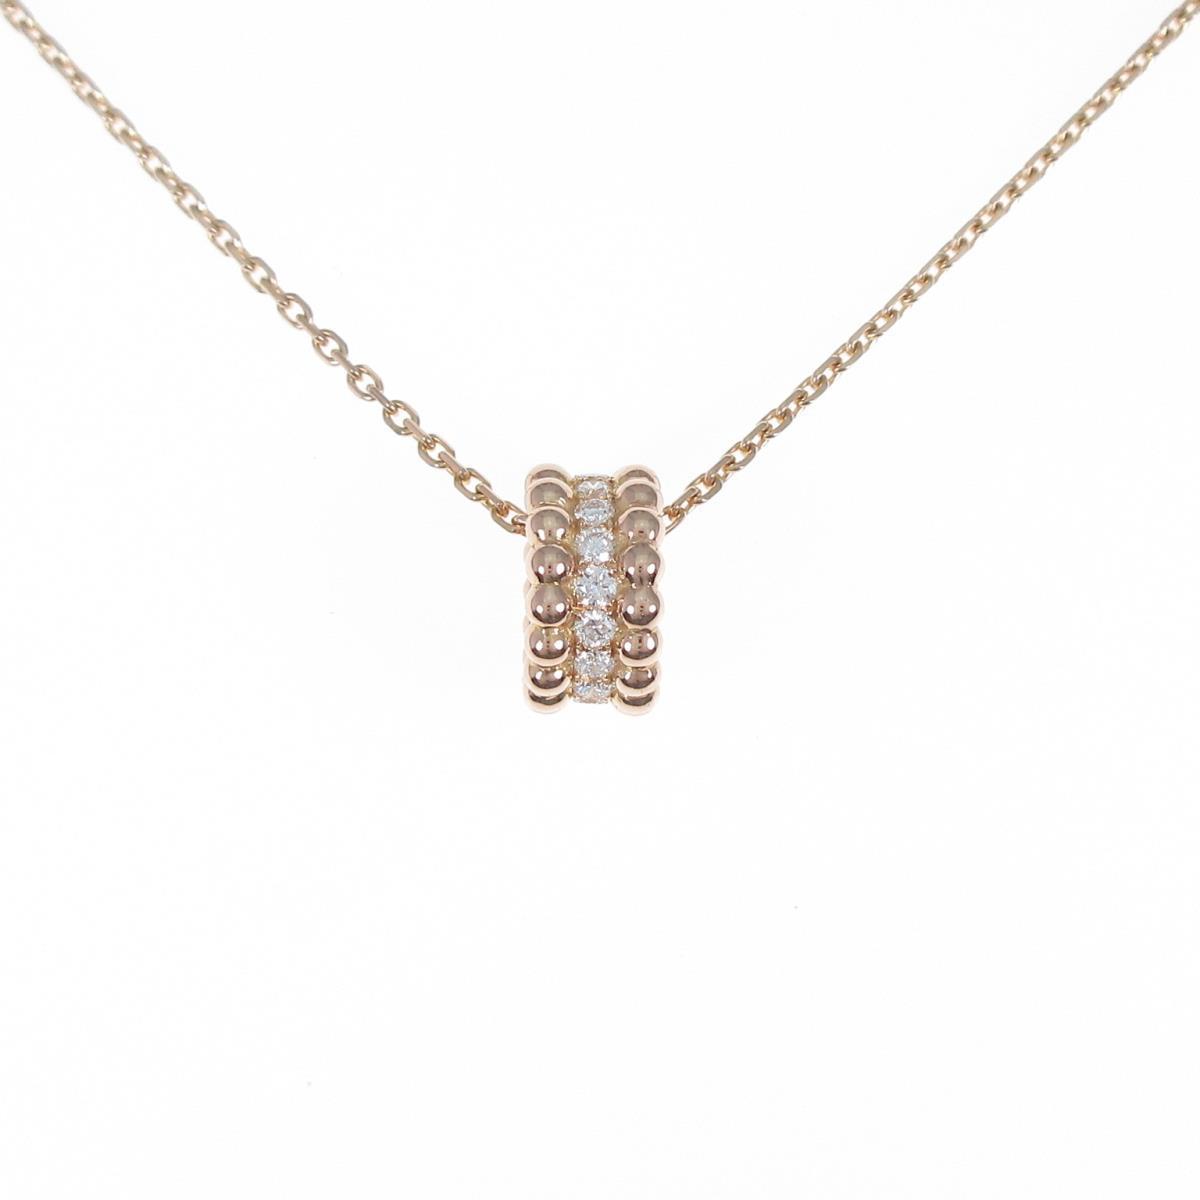 <title>ヴァンクリーフ 大規模セール アーペル ペルレ ダイヤモンド ペンダント 3連モデル ネックレス 中古</title>